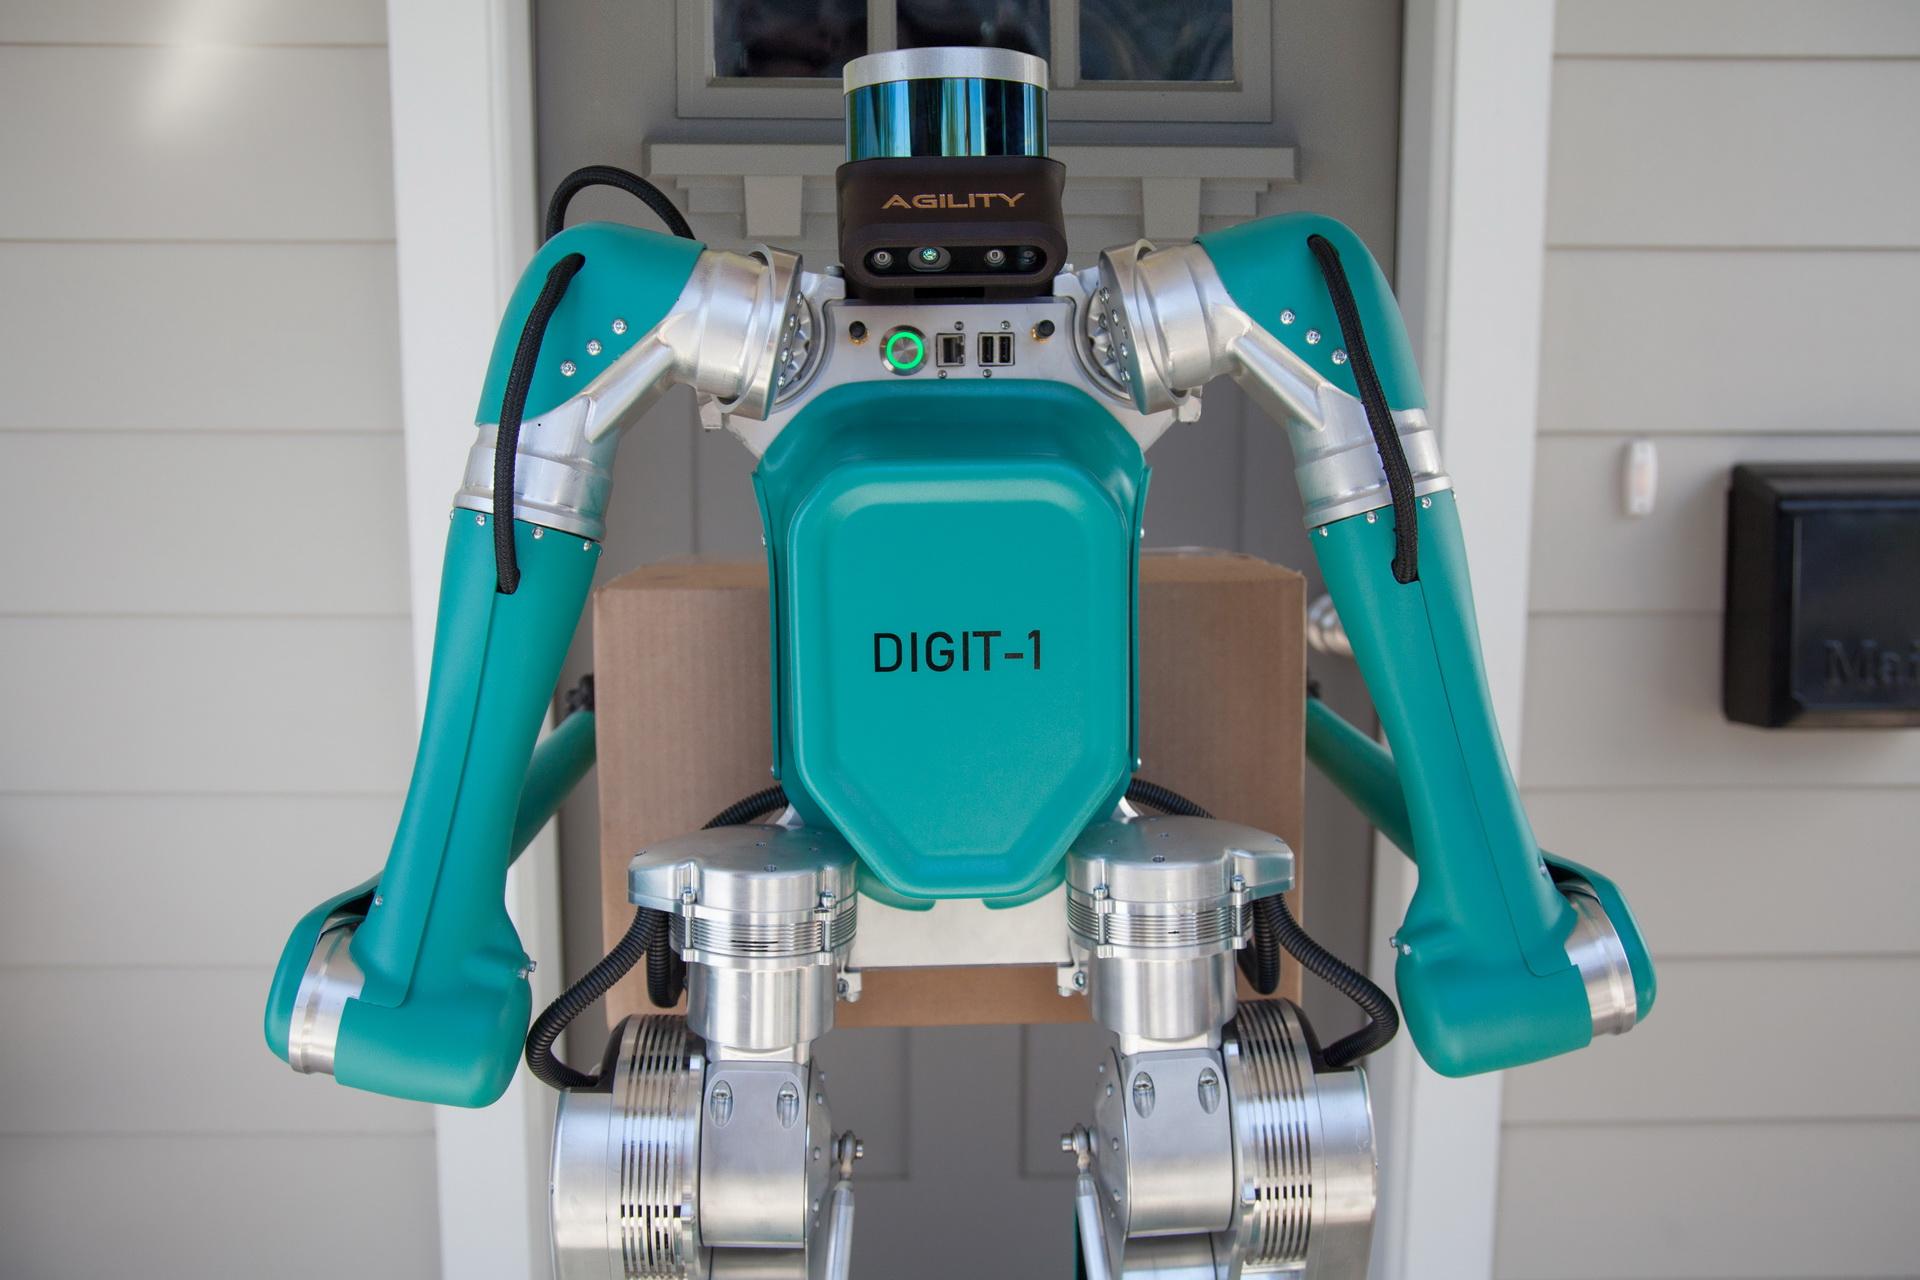 Ford phát triển Digit robot giao hàng tự động đến tận cửa - 7